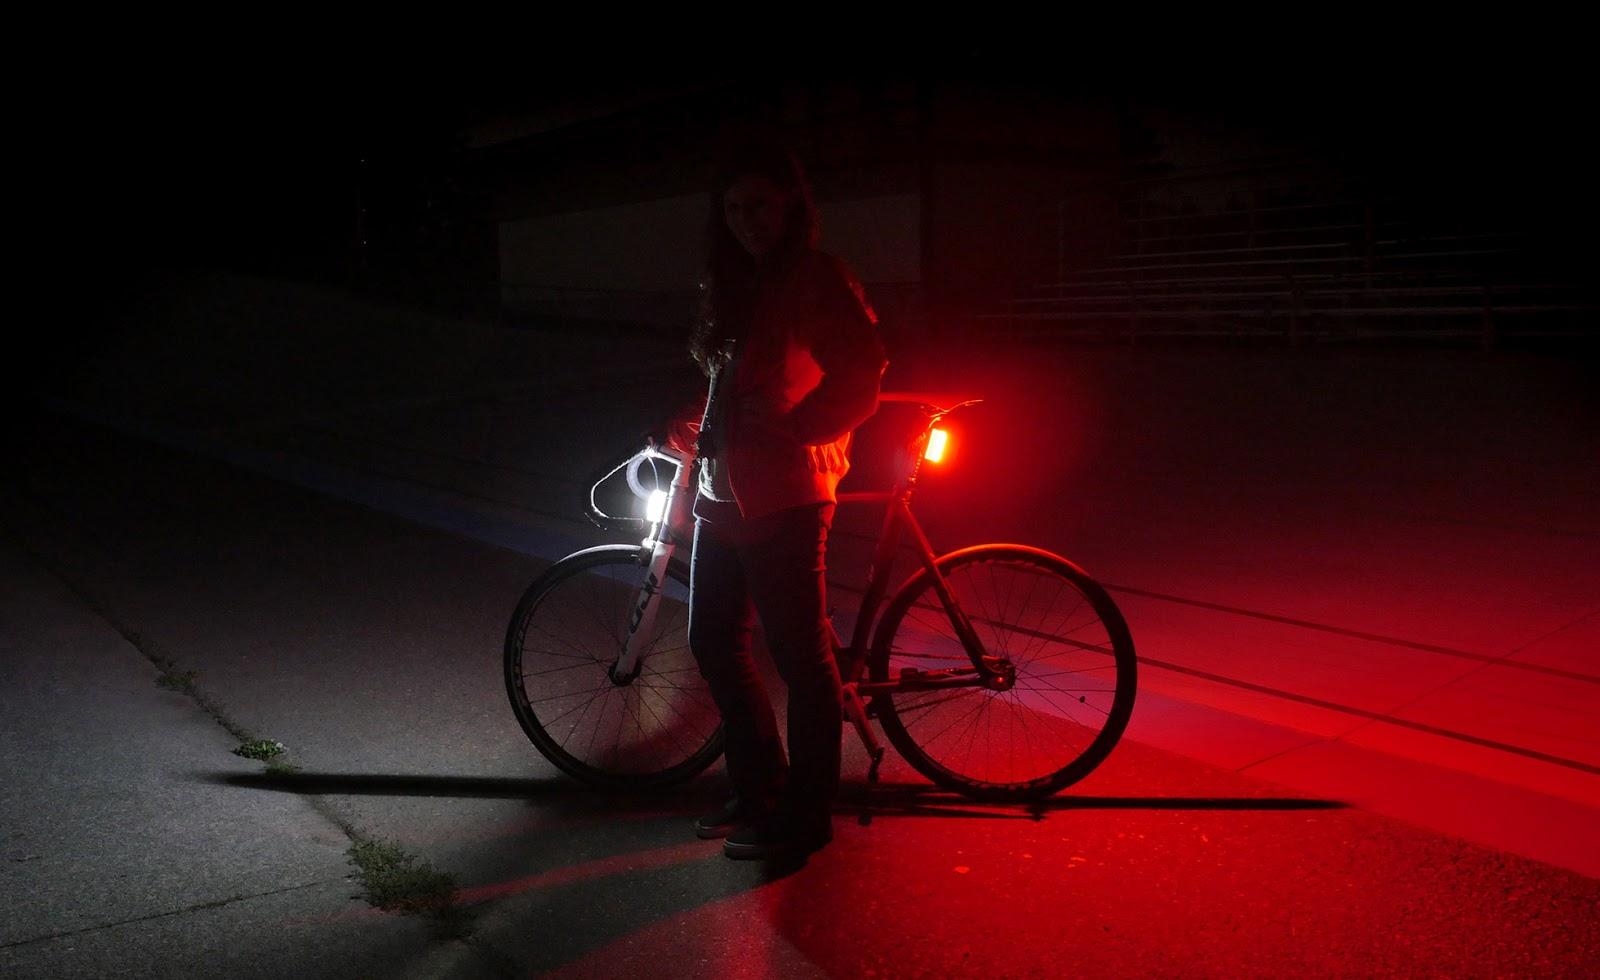 Niezbędne Wyposażenie Rowerzysty Fundacja Kapitan światełko